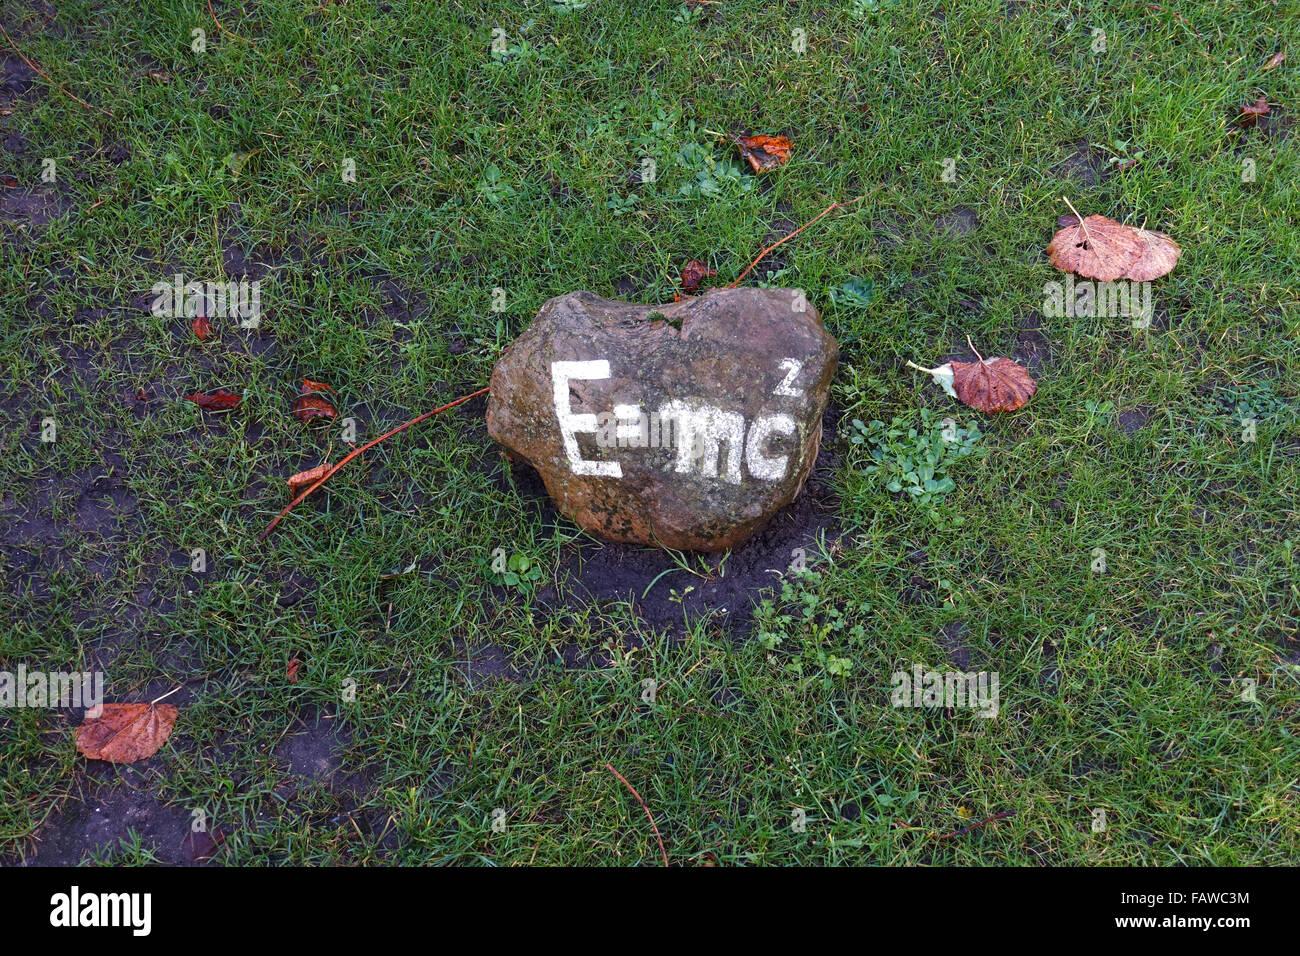 """Die Formel """"E = mc2"""", die Masse – Energie-Äquivalenz, steht auf einem Stein, der auf dem Rasen, fotografiert im Herbst in Nieblum auf Föhr Insel (Schleswig-Holstein), Deutschland, 20. November 2015 liegt. Foto: Jens Kalaene - kein Draht-Dienst- Stockfoto"""